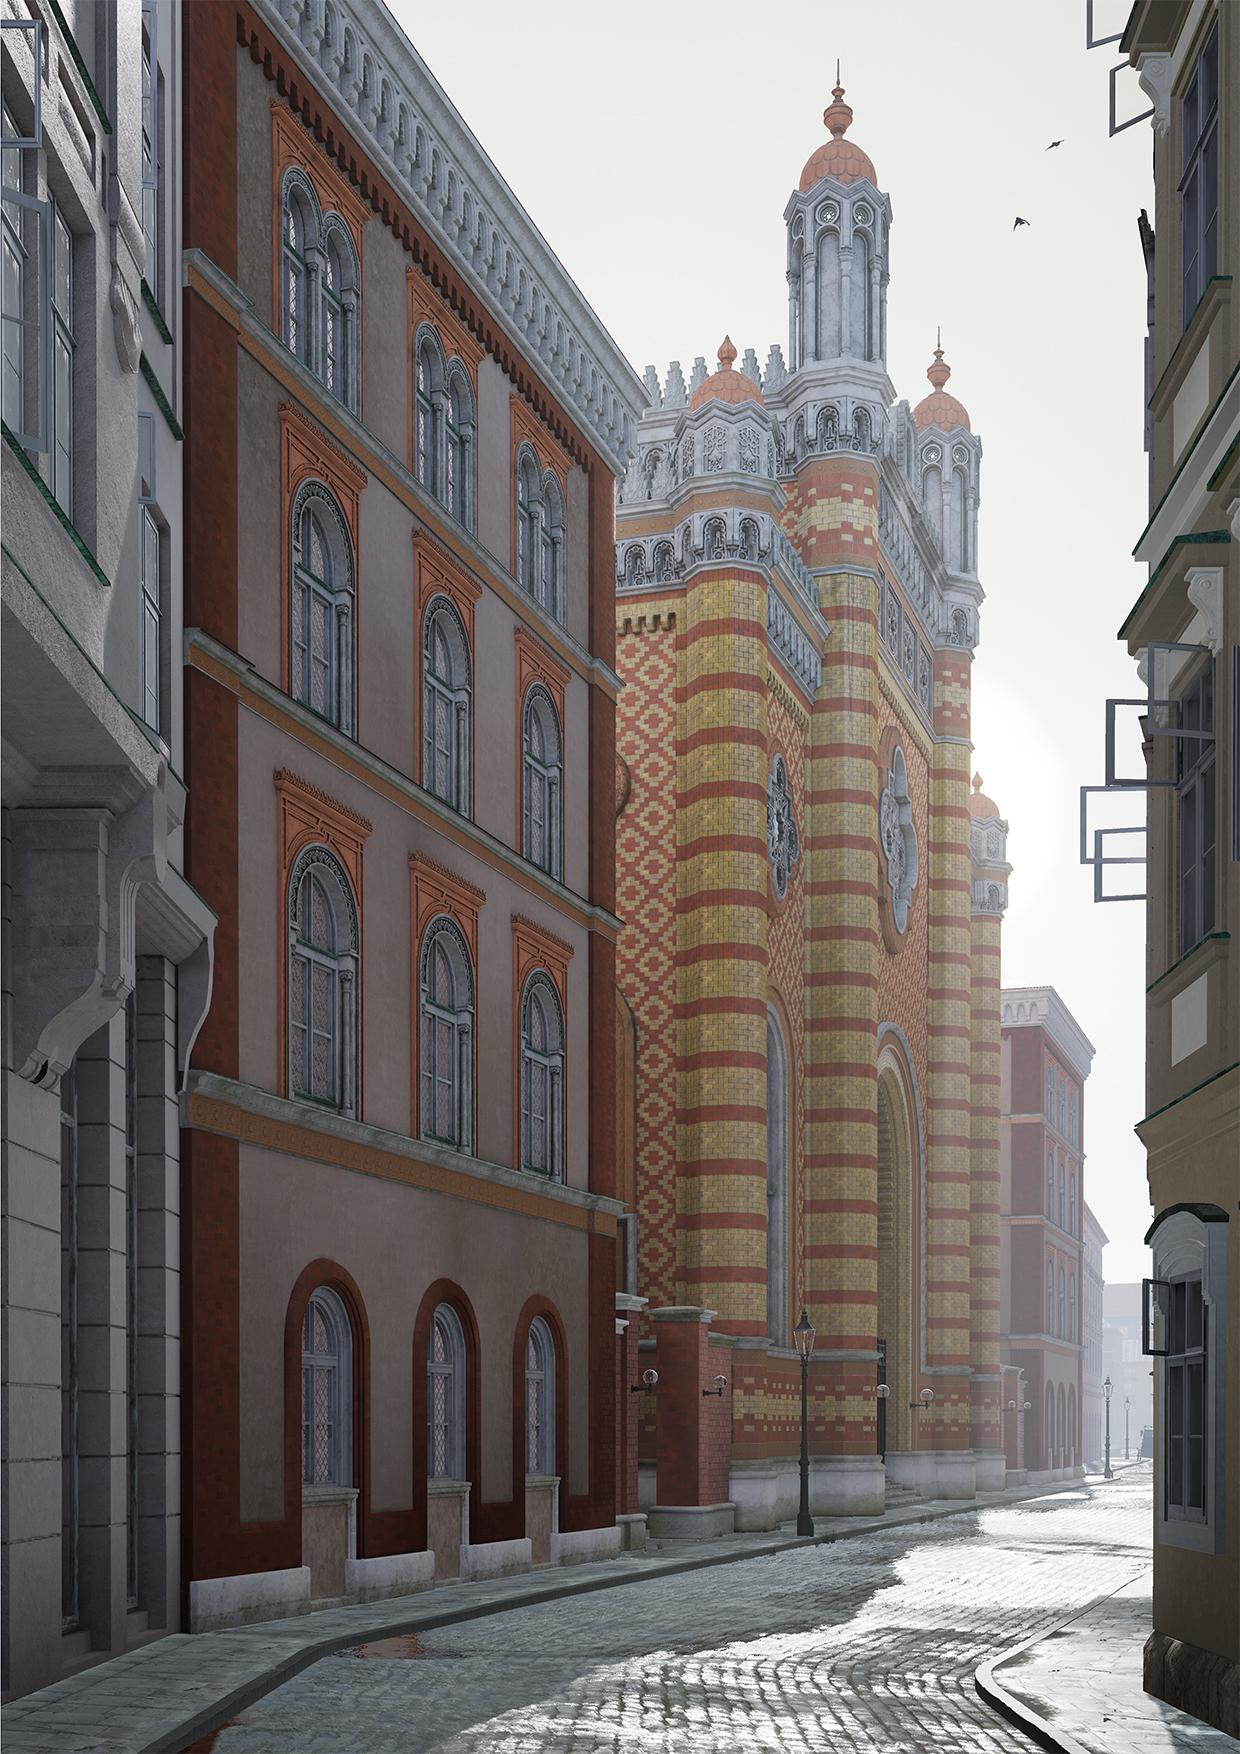 Eine Ansicht der Synagoge von der nördlichen Tempelgasse. Gerendert in Echtzeit in der Unreal Engine 4